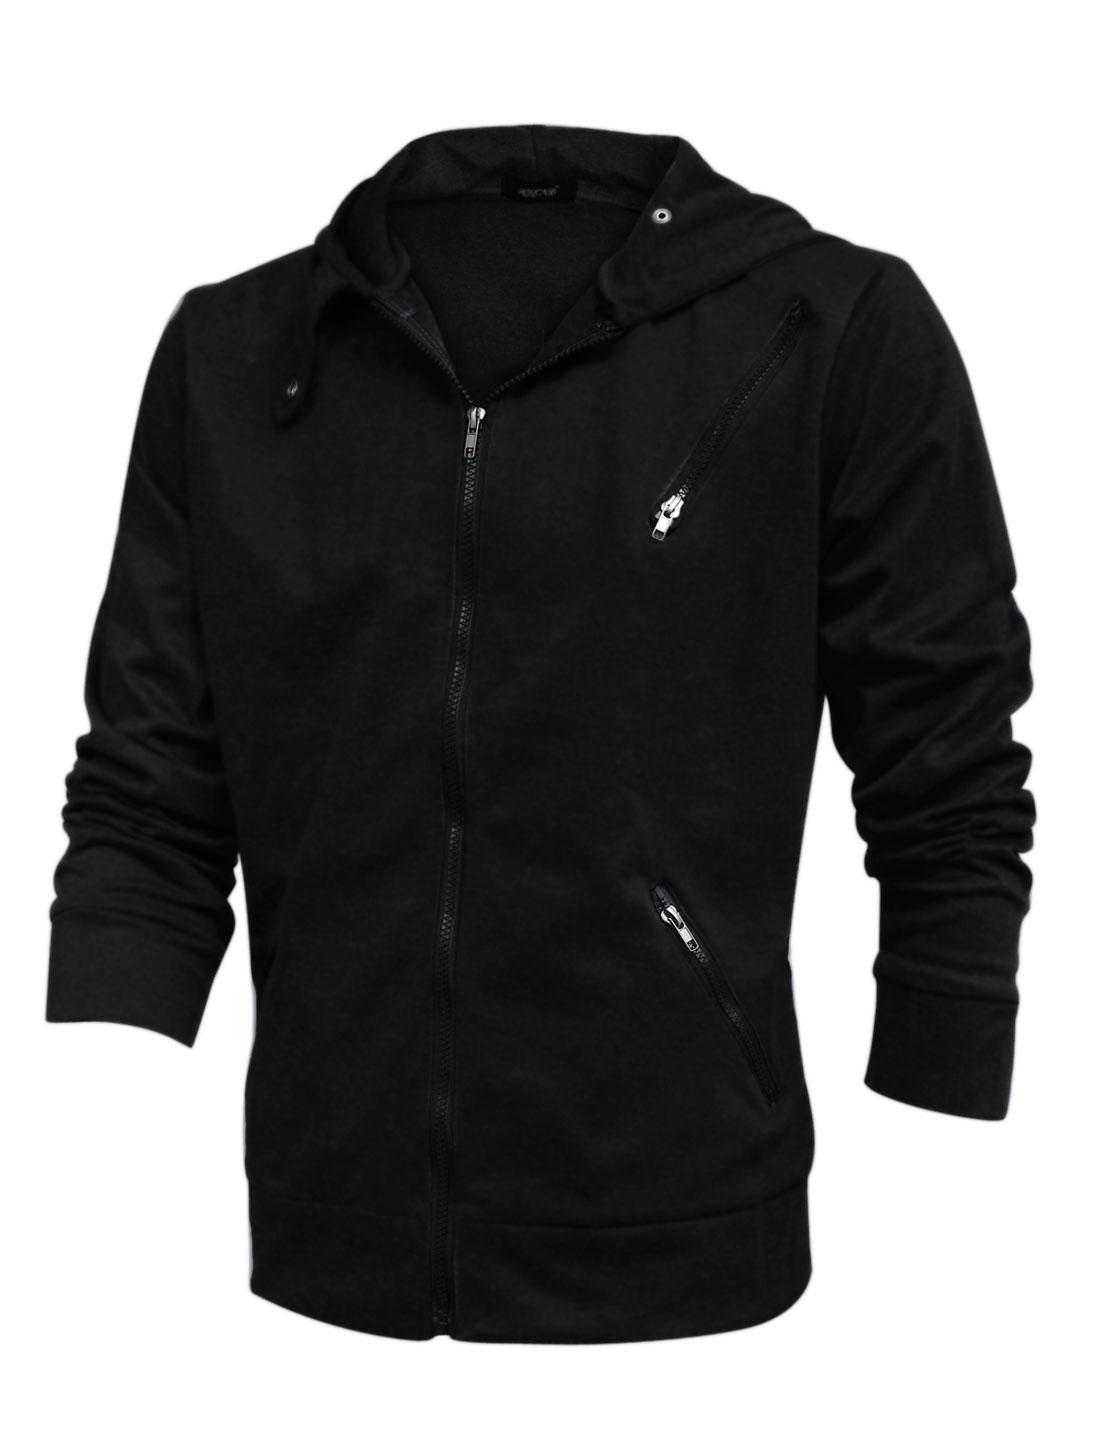 Men Long Sleeve Zipper Closed Pockets Zip Up Hoodie Black M